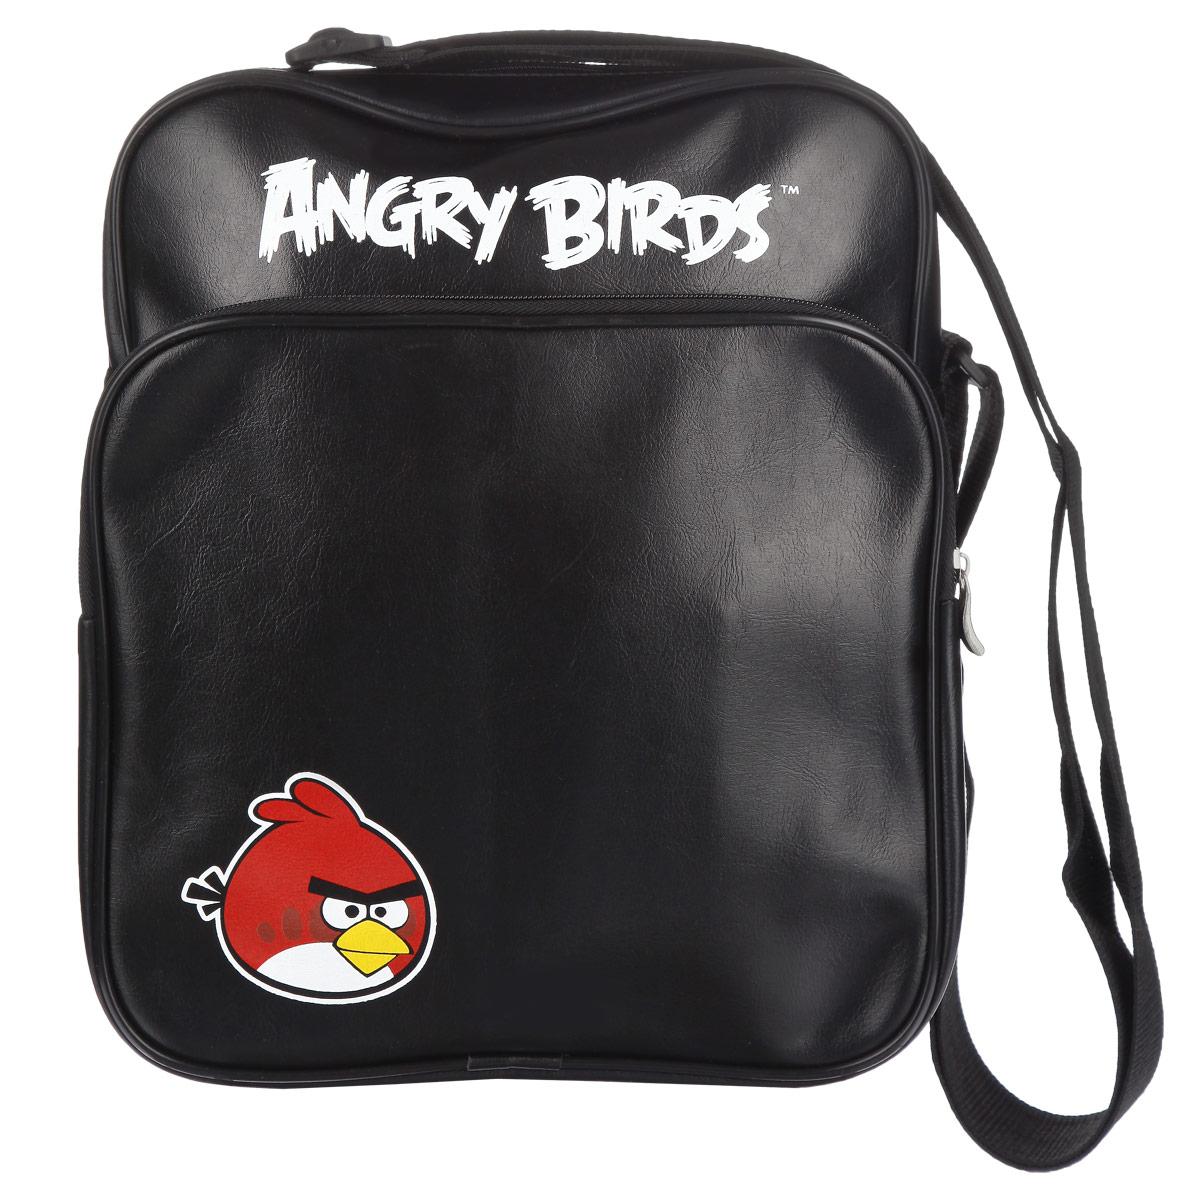 Сумка Angry Birds Красная птица, цвет: черный. 8481272523WDСумка молодёжная Angry Birds Красная птица сочетает в себе современный дизайн, функциональность и долговечность. Сумка выполнена из кожзаменителя и содержит одно вместительное отделение, застегивающееся на застежку-молнию. Внутри имеется дополнительный карман-разделитель на молнии.На лицевой стороне сумки находятся карман на застежке-молнии. Внутри имеется нашивной карман и фиксаторы для пишущих принадлежностей. На задней стороне сумка имеет дополнительный карман на молнии.Сумка оснащена плечевым ремнем, регулируемой длины.